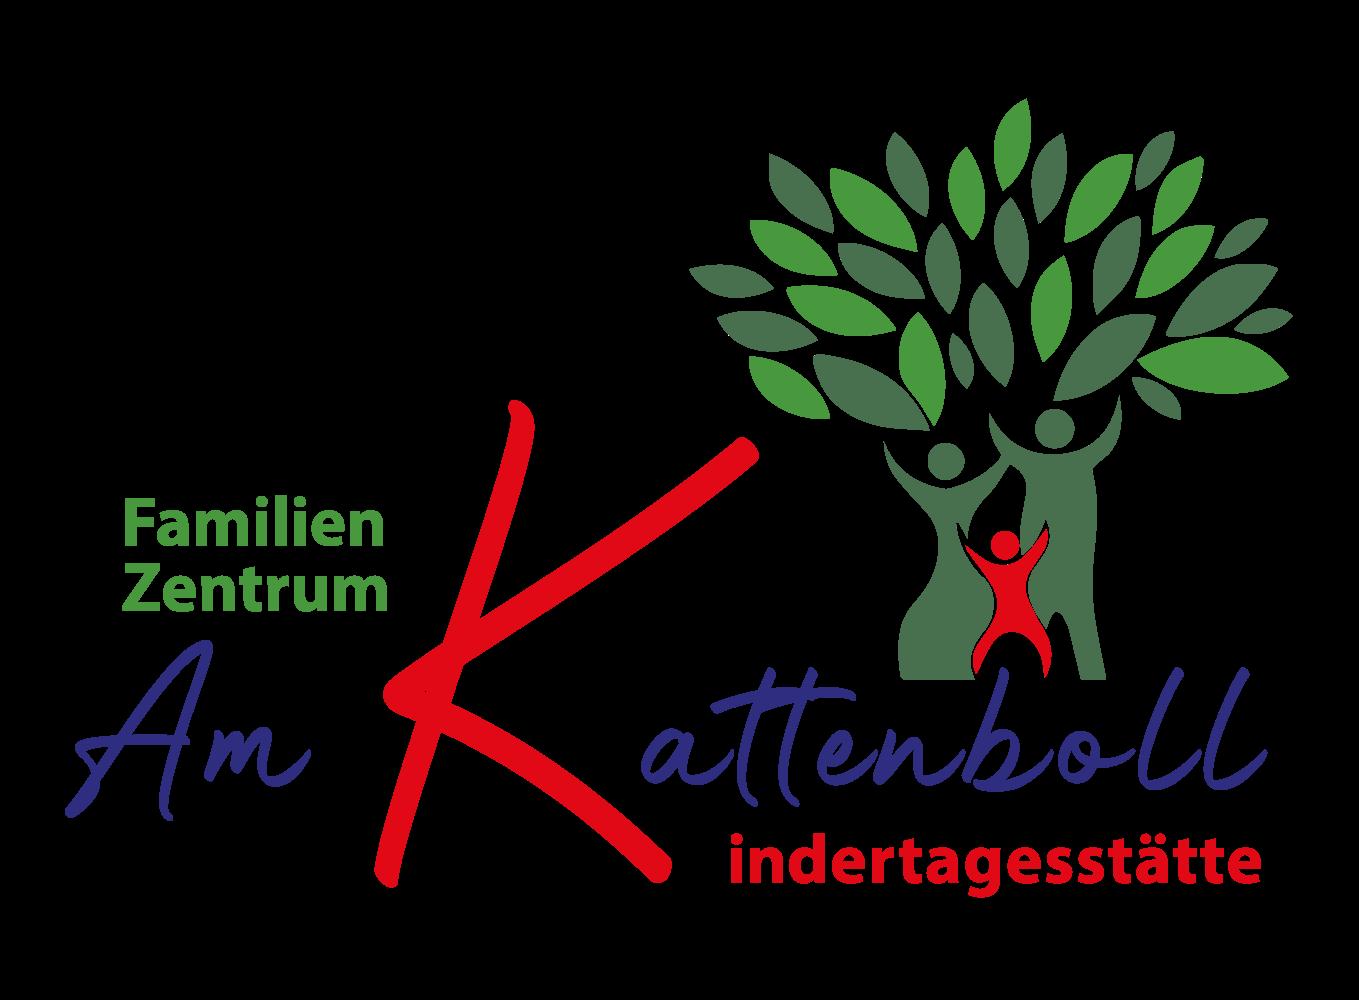 Logo_Kattenboll___V1-1